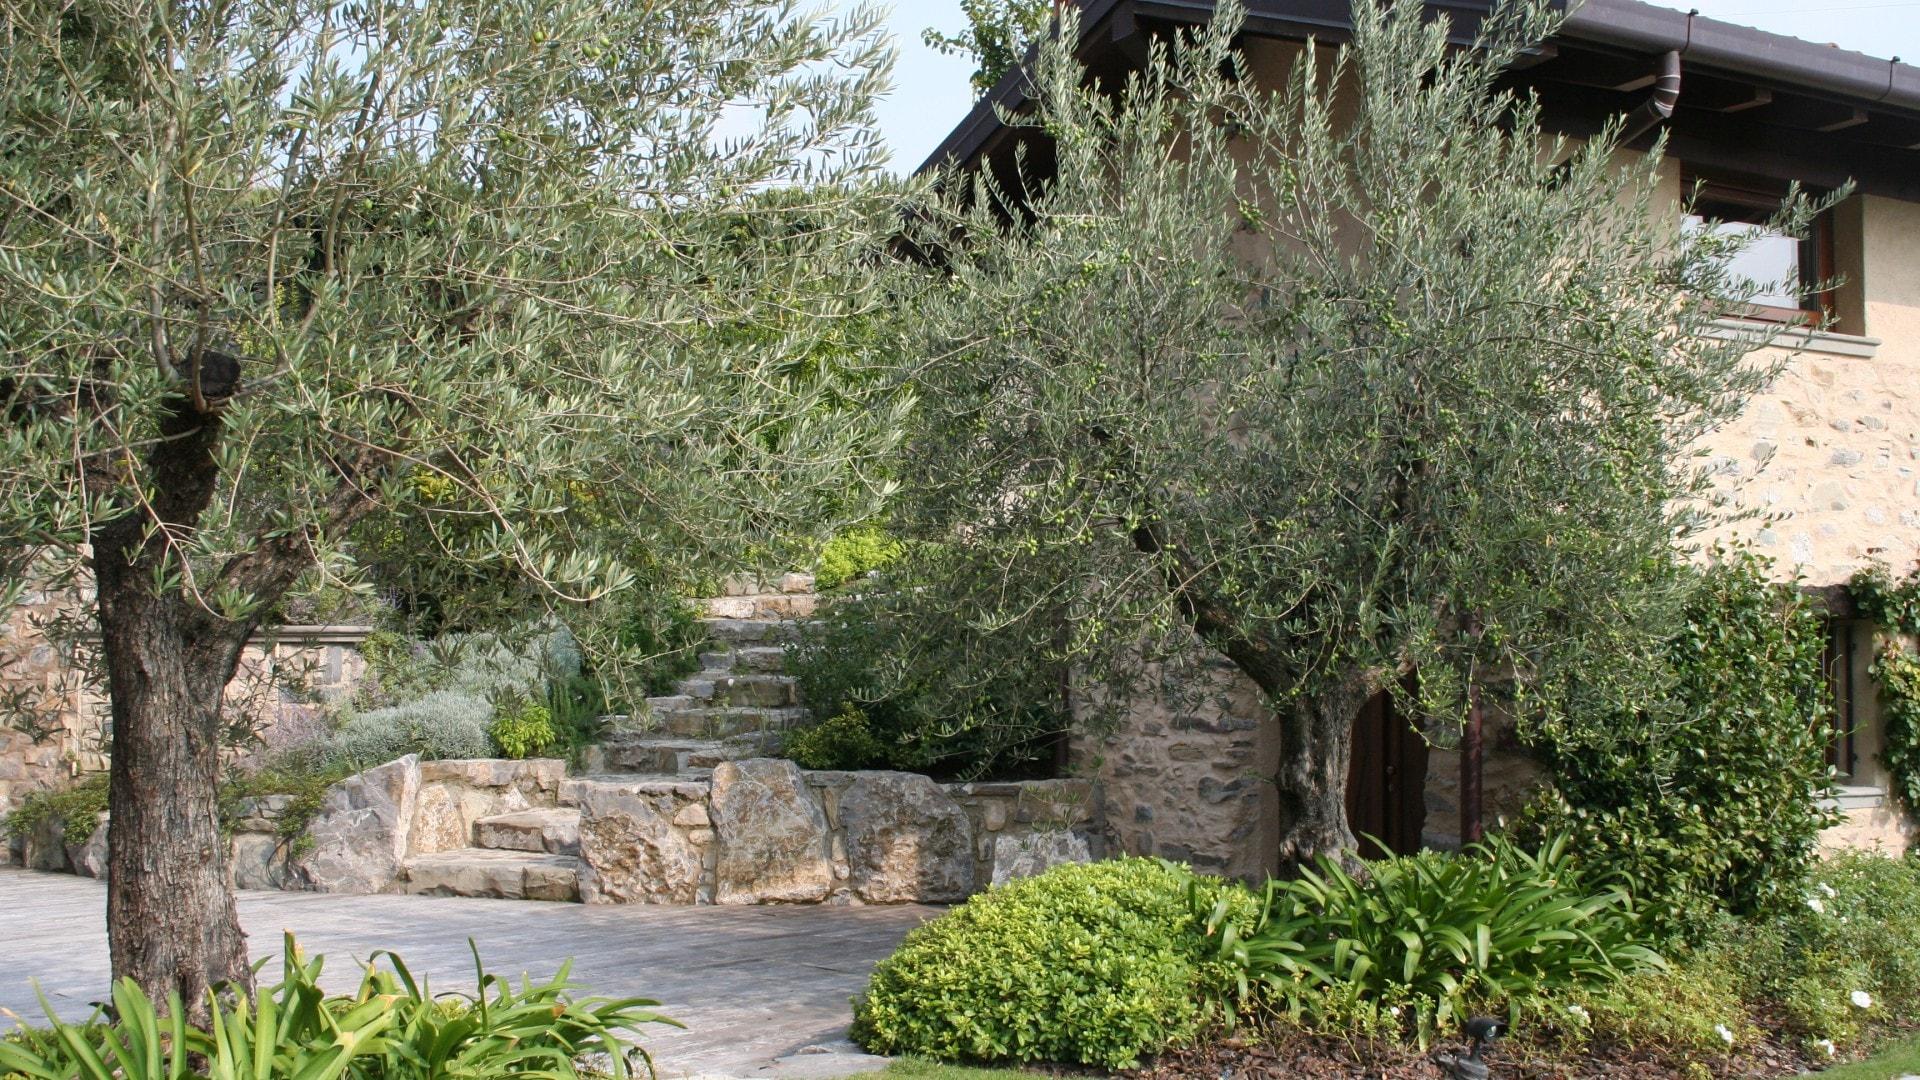 Lago d iseo tranquillit lacustre progettazione - Acquisto terra per giardino ...